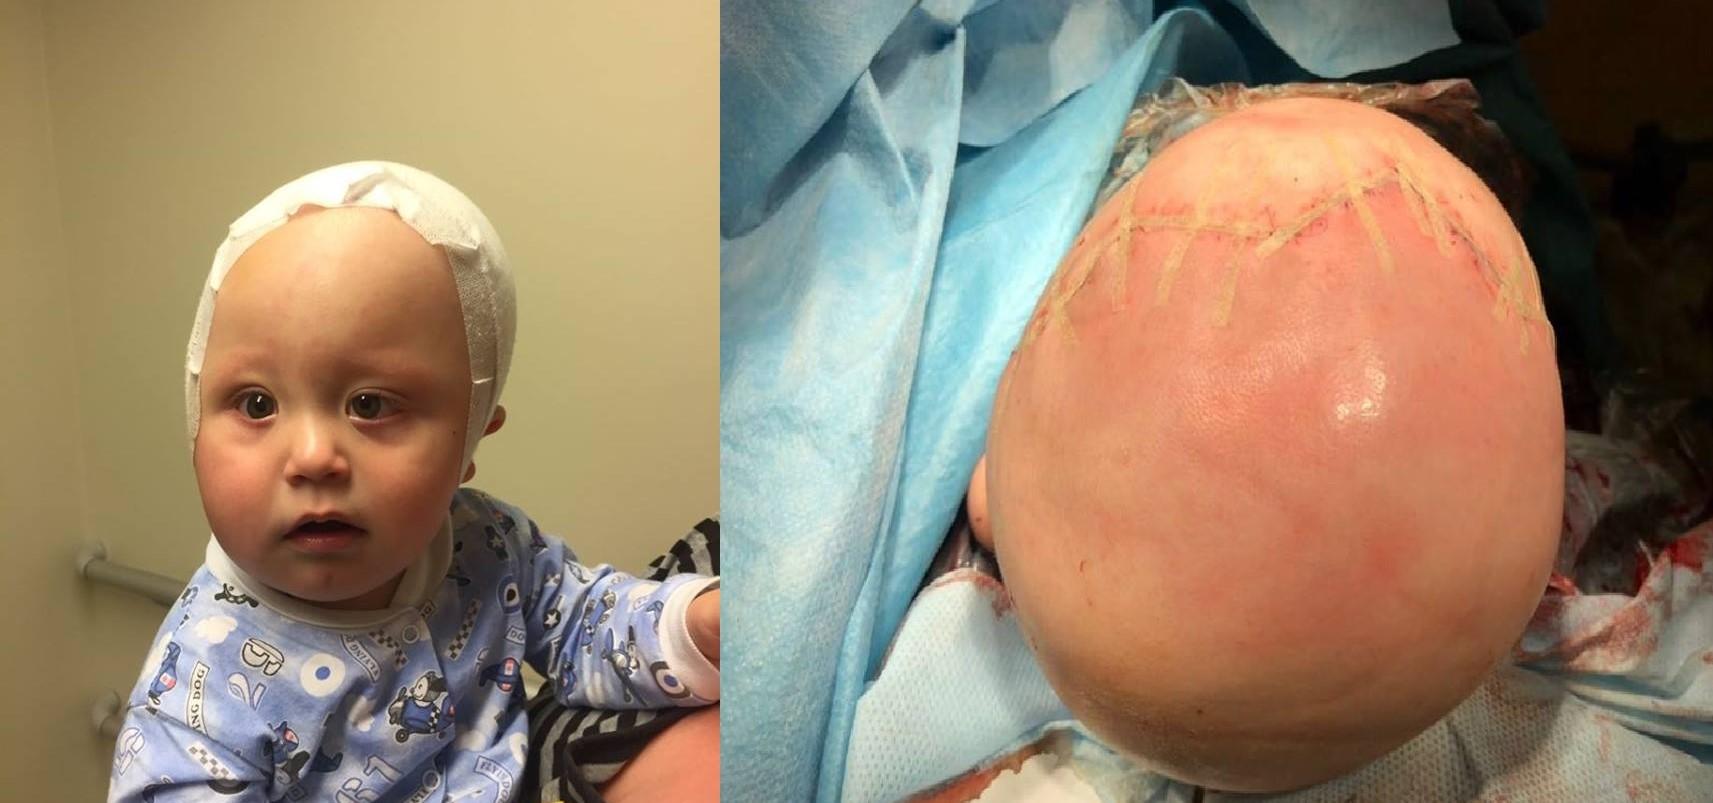 Врачи Морозовской детской больницы в Москве провели уникальную операцию годовалому ребёнку и устранили у него редкую патологию развития черепа. Об этом на странице «Врачи Москвы» в Facebook сообщилглавврач Морозовской ДКБ Игорь Колтунов.